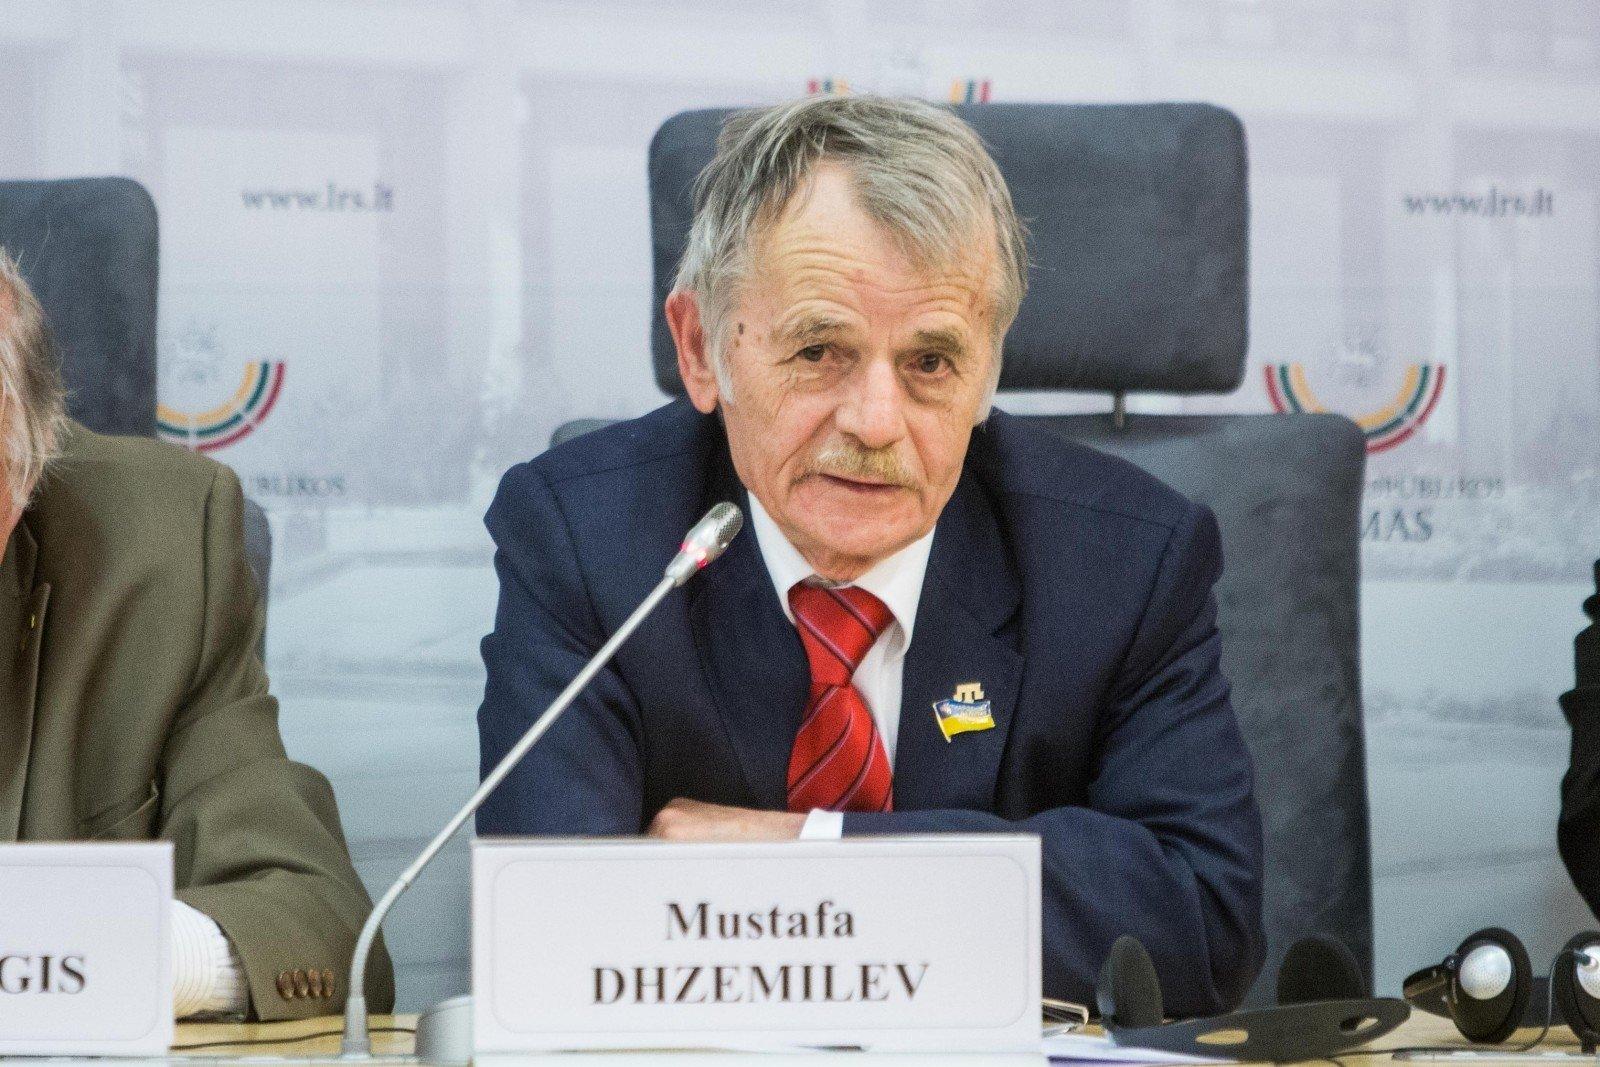 Крымские мусульмане попросили отдать имимущество нелегального меджлиса